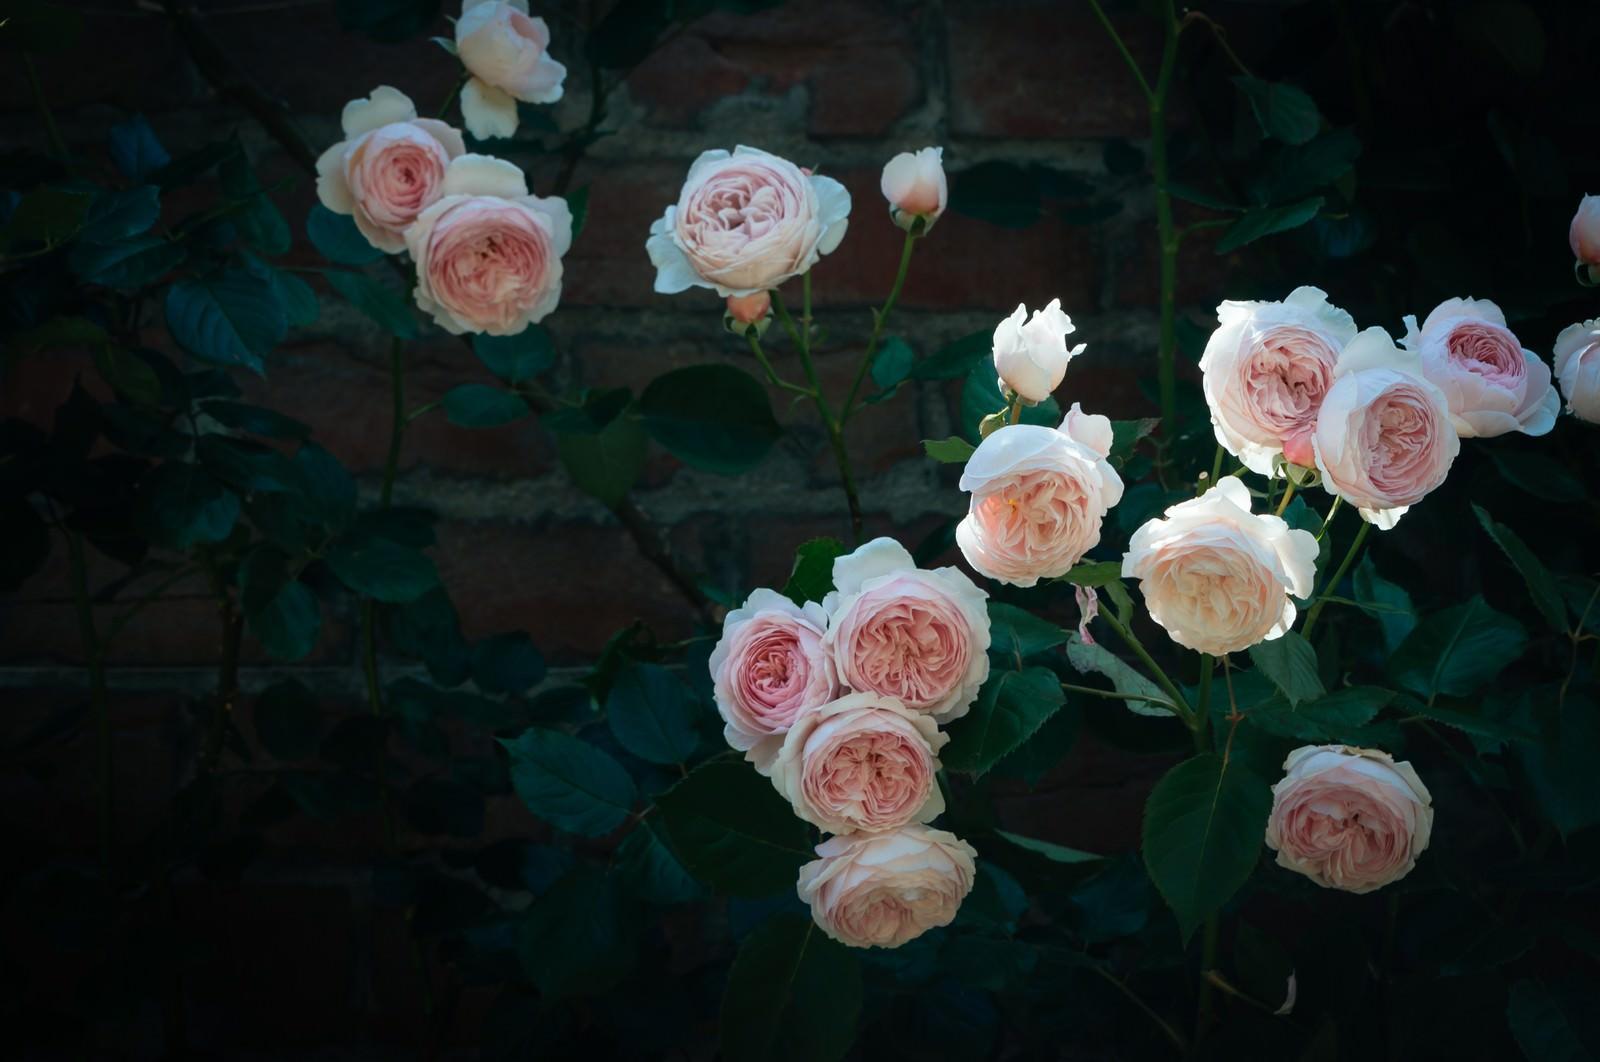 「バラとレンガの壁」の写真